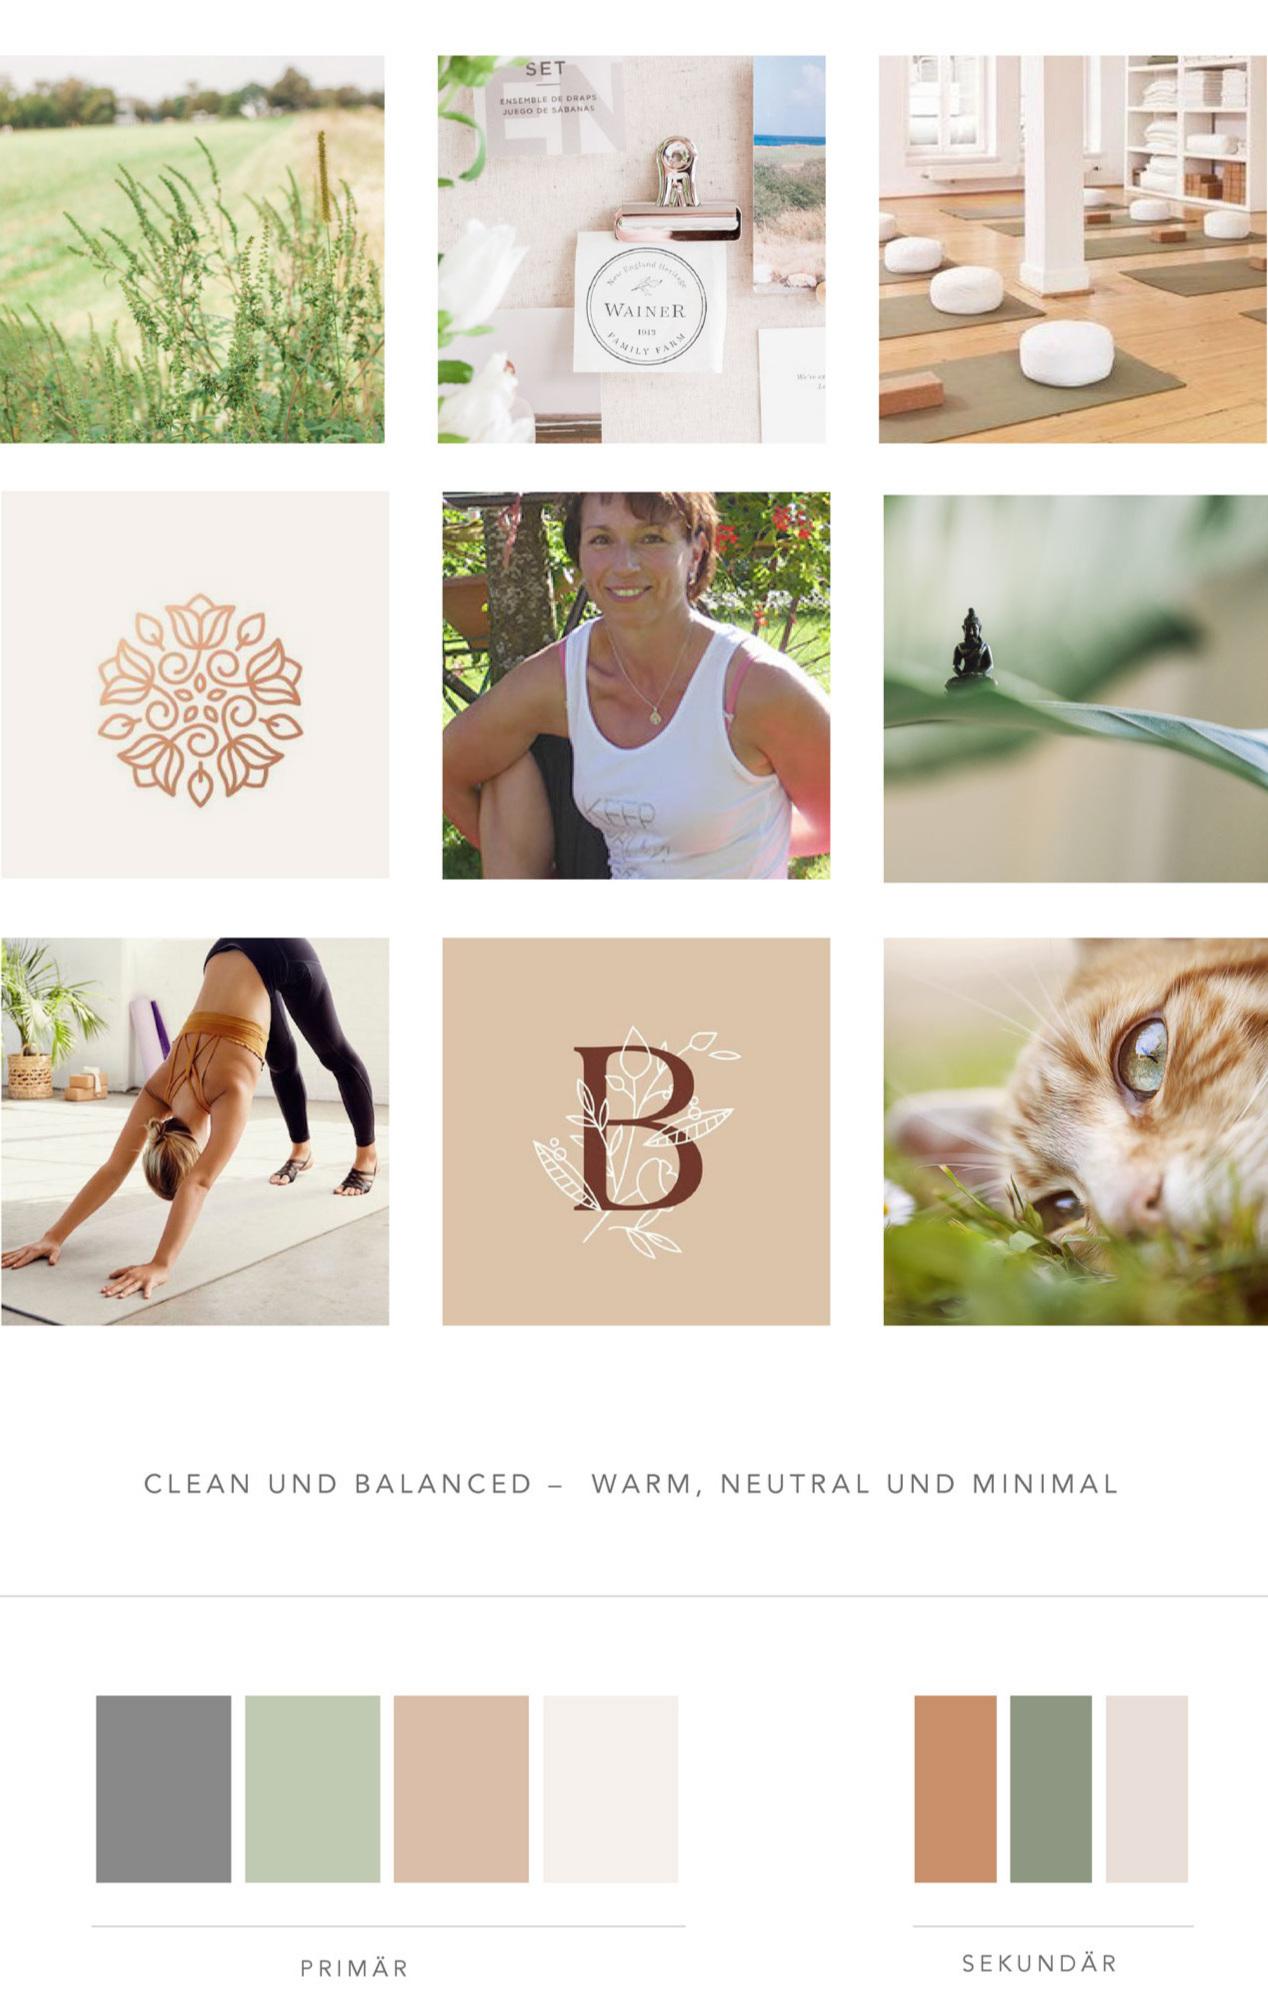 Margot-Branding-by-eimotiondesign.jpg